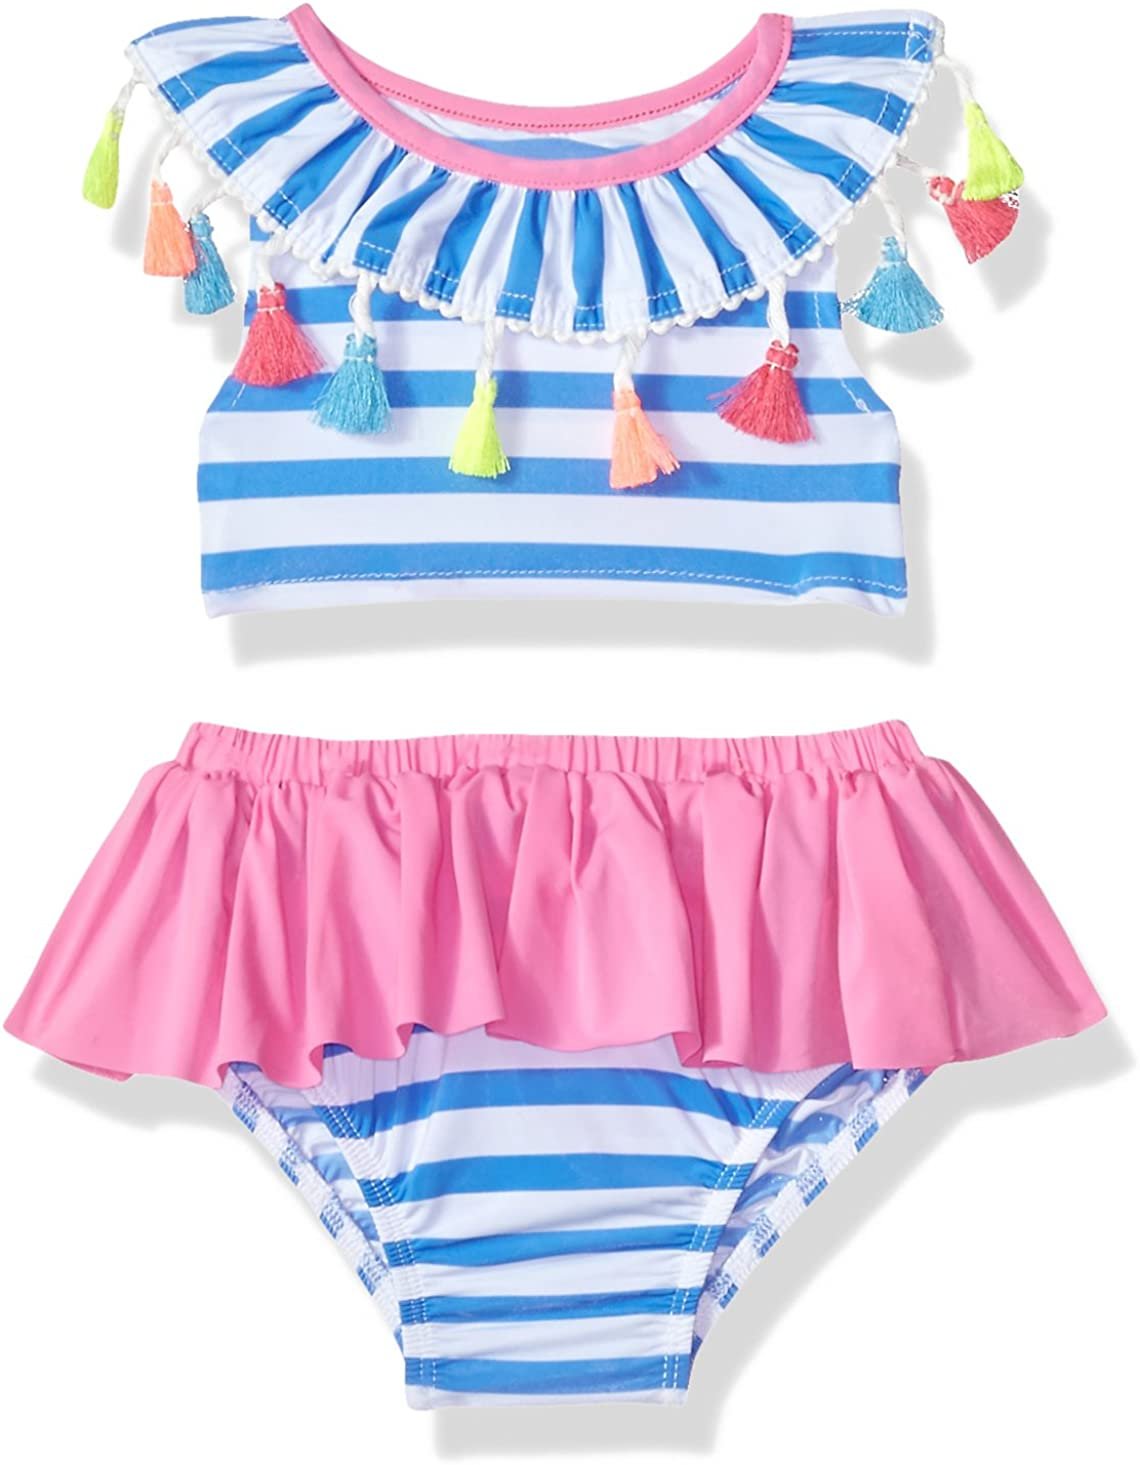 Amazon.com: mud pie bebé niñas borla rayas traje de baño de ...